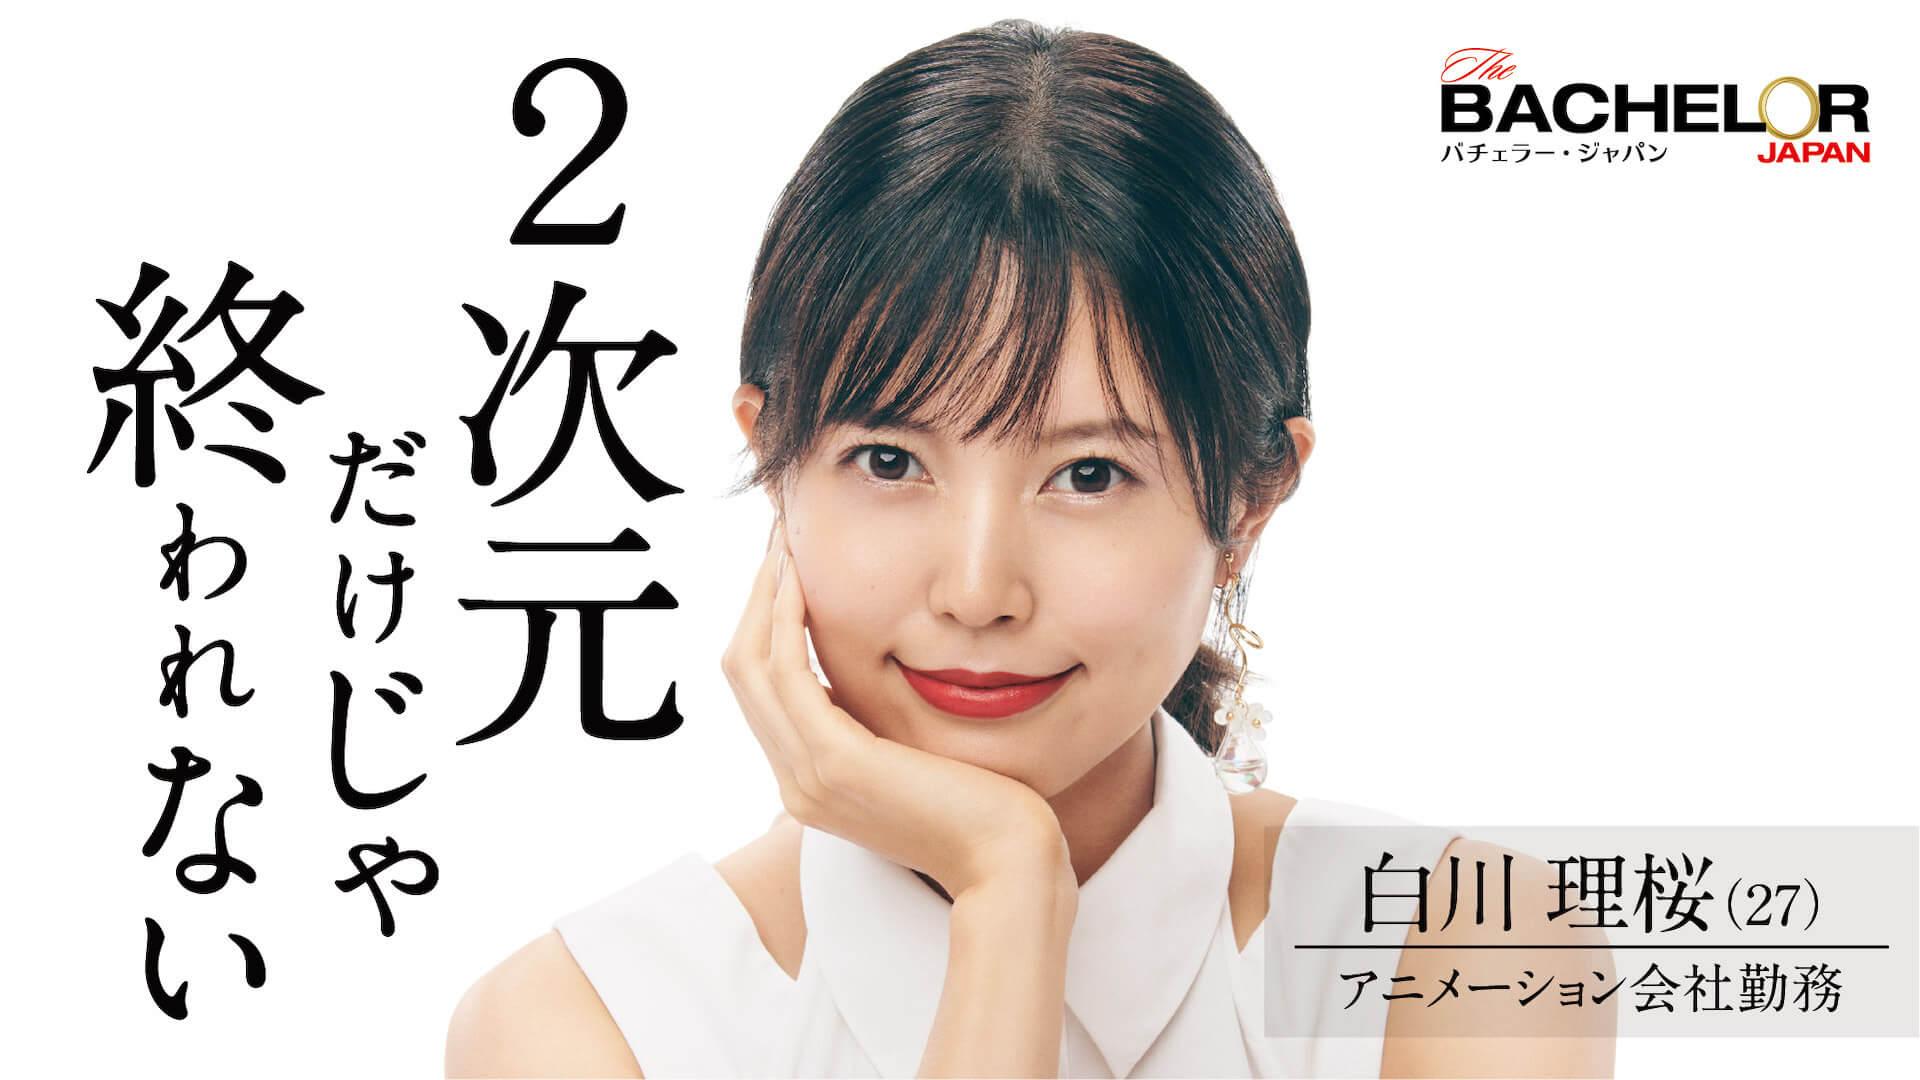 モデル、レディ・ユニバース2020日本代表、医者、経営者など続々登場!『バチェラー・ジャパン』シーズン4の女性参加者15名が一挙発表 art211007_bacelorjapan_8